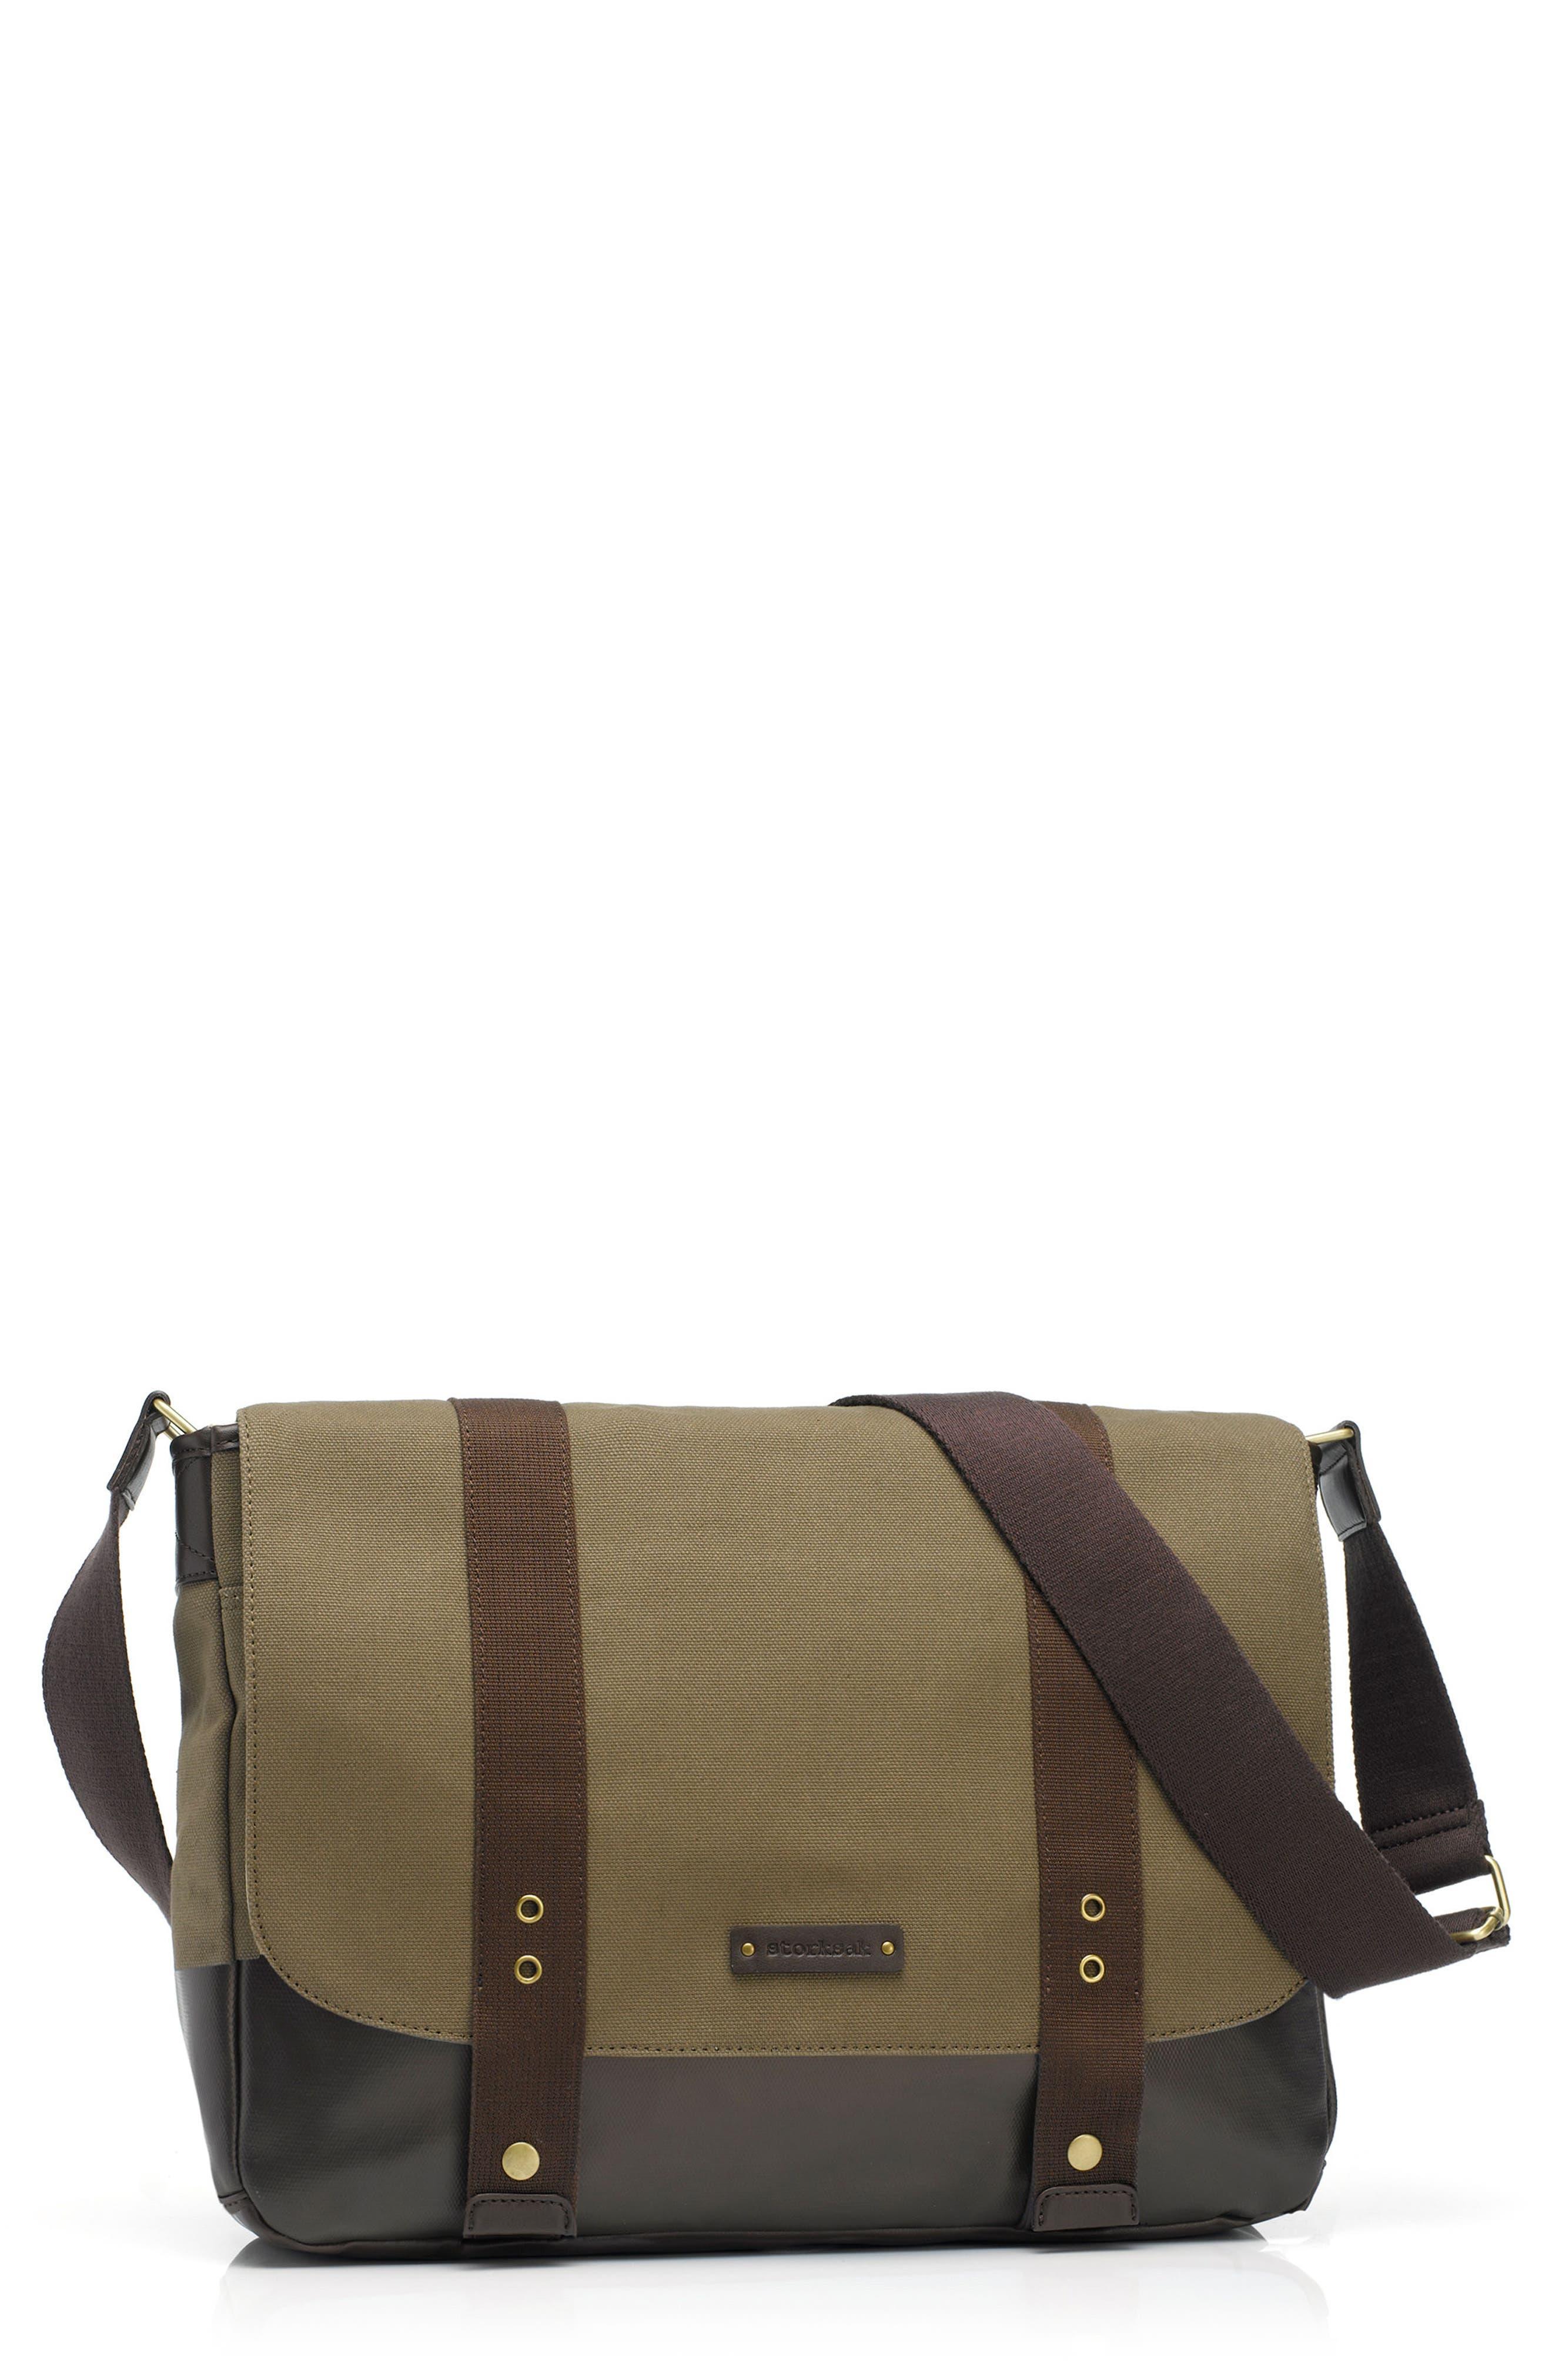 STORKSAK 'Aubrey' Diaper Bag, Main, color, 272